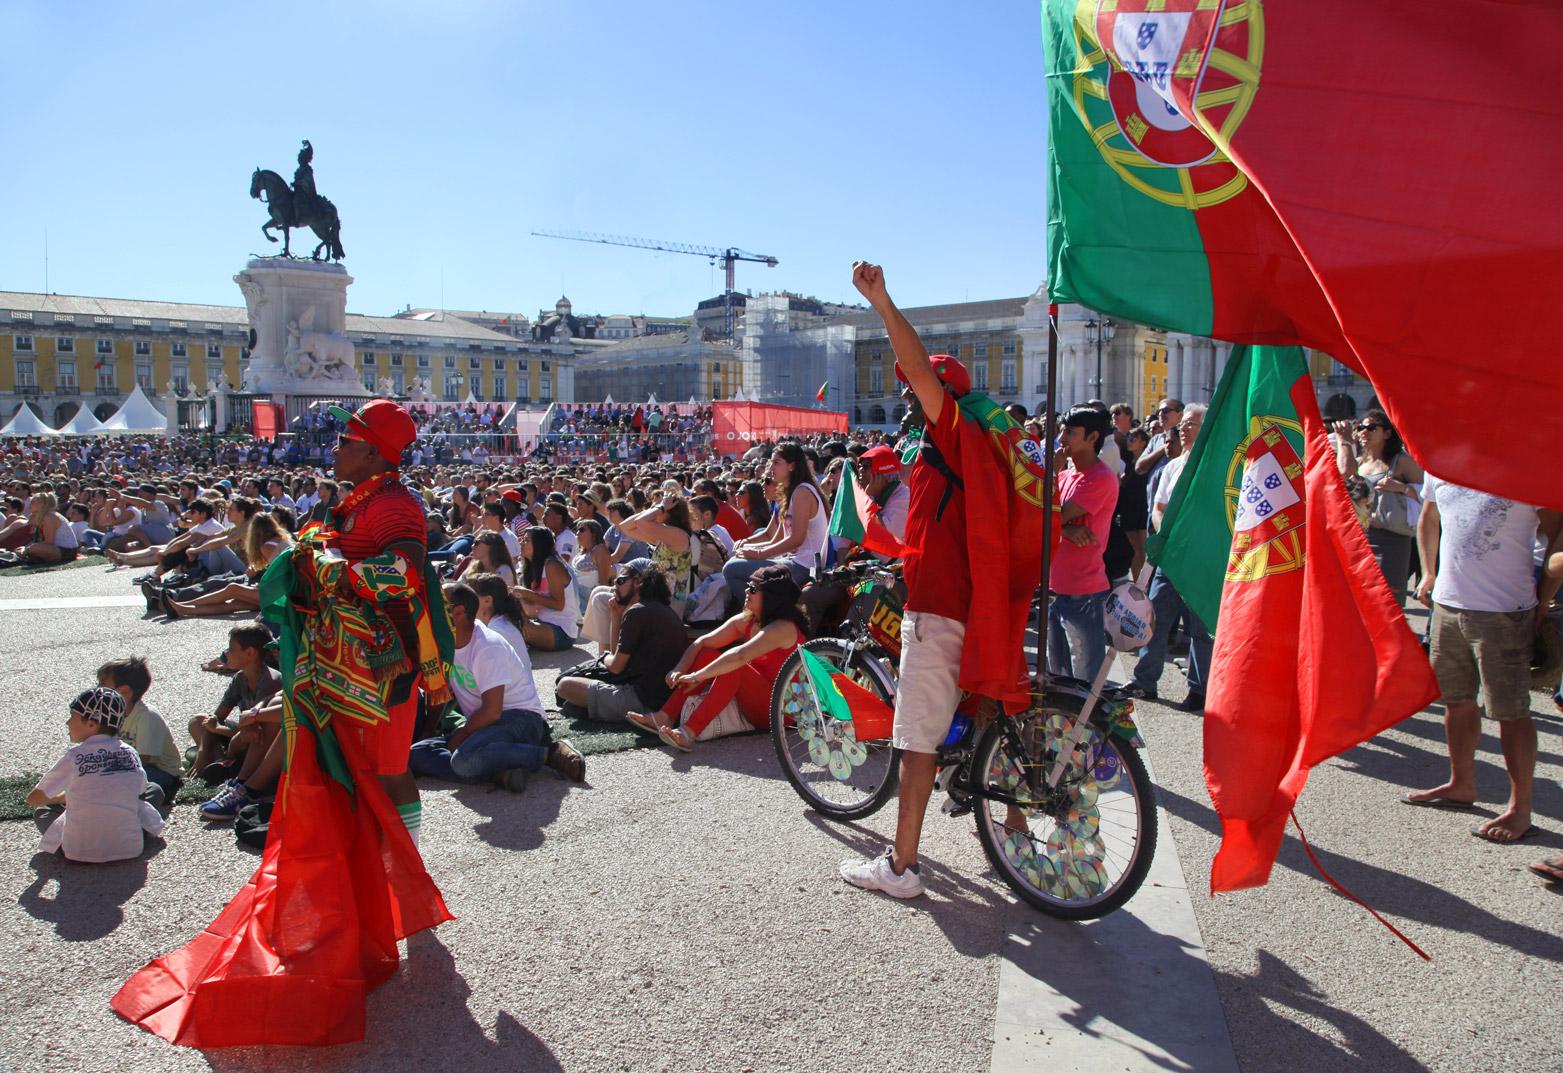 Praça do Comércio plein tijdens het WK 2014 in Lissabon